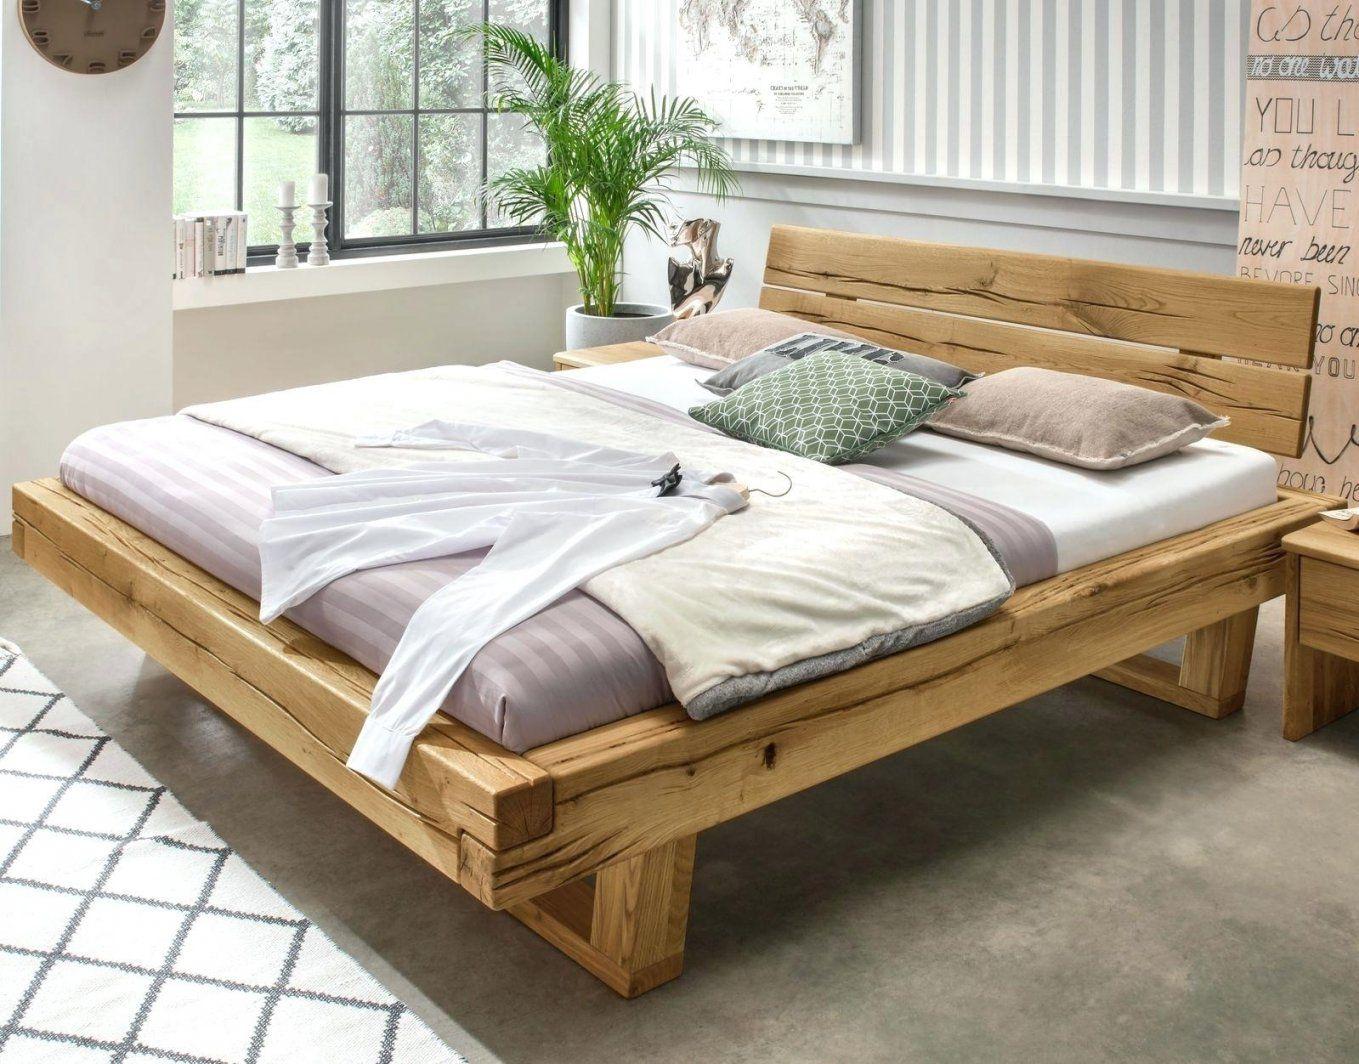 Full Size of 120 Bett Ikea Schmale Kche Einrichten Ideen Haus Design Kopfteile Für Betten King Size übergewichtige 180x200 Günstig Holz Ruf Fabrikverkauf Modernes Eiche Bett 120 Bett